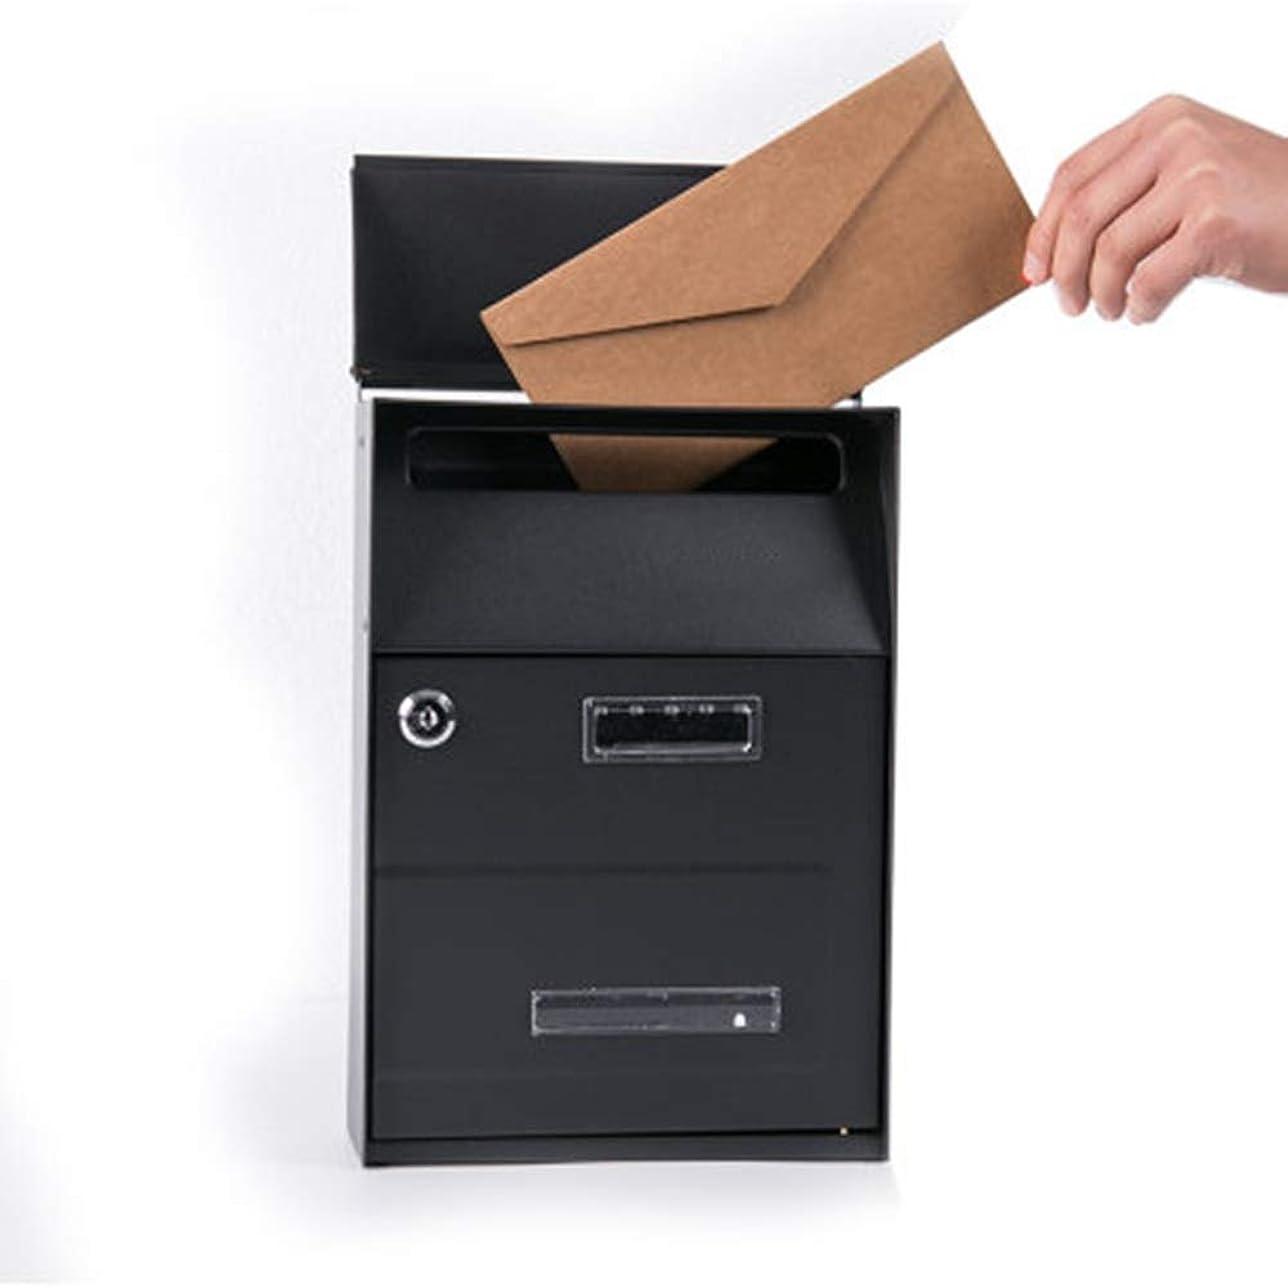 上へ宇宙の区画郵便受け メールボックス マガジンレター新聞ボックスをぶら下げロッカーファミリーレターボックスレターから口ドロップボックスウォール 壁掛け 鍵付き (Color : Black, Size : 32x21x9.3cm)